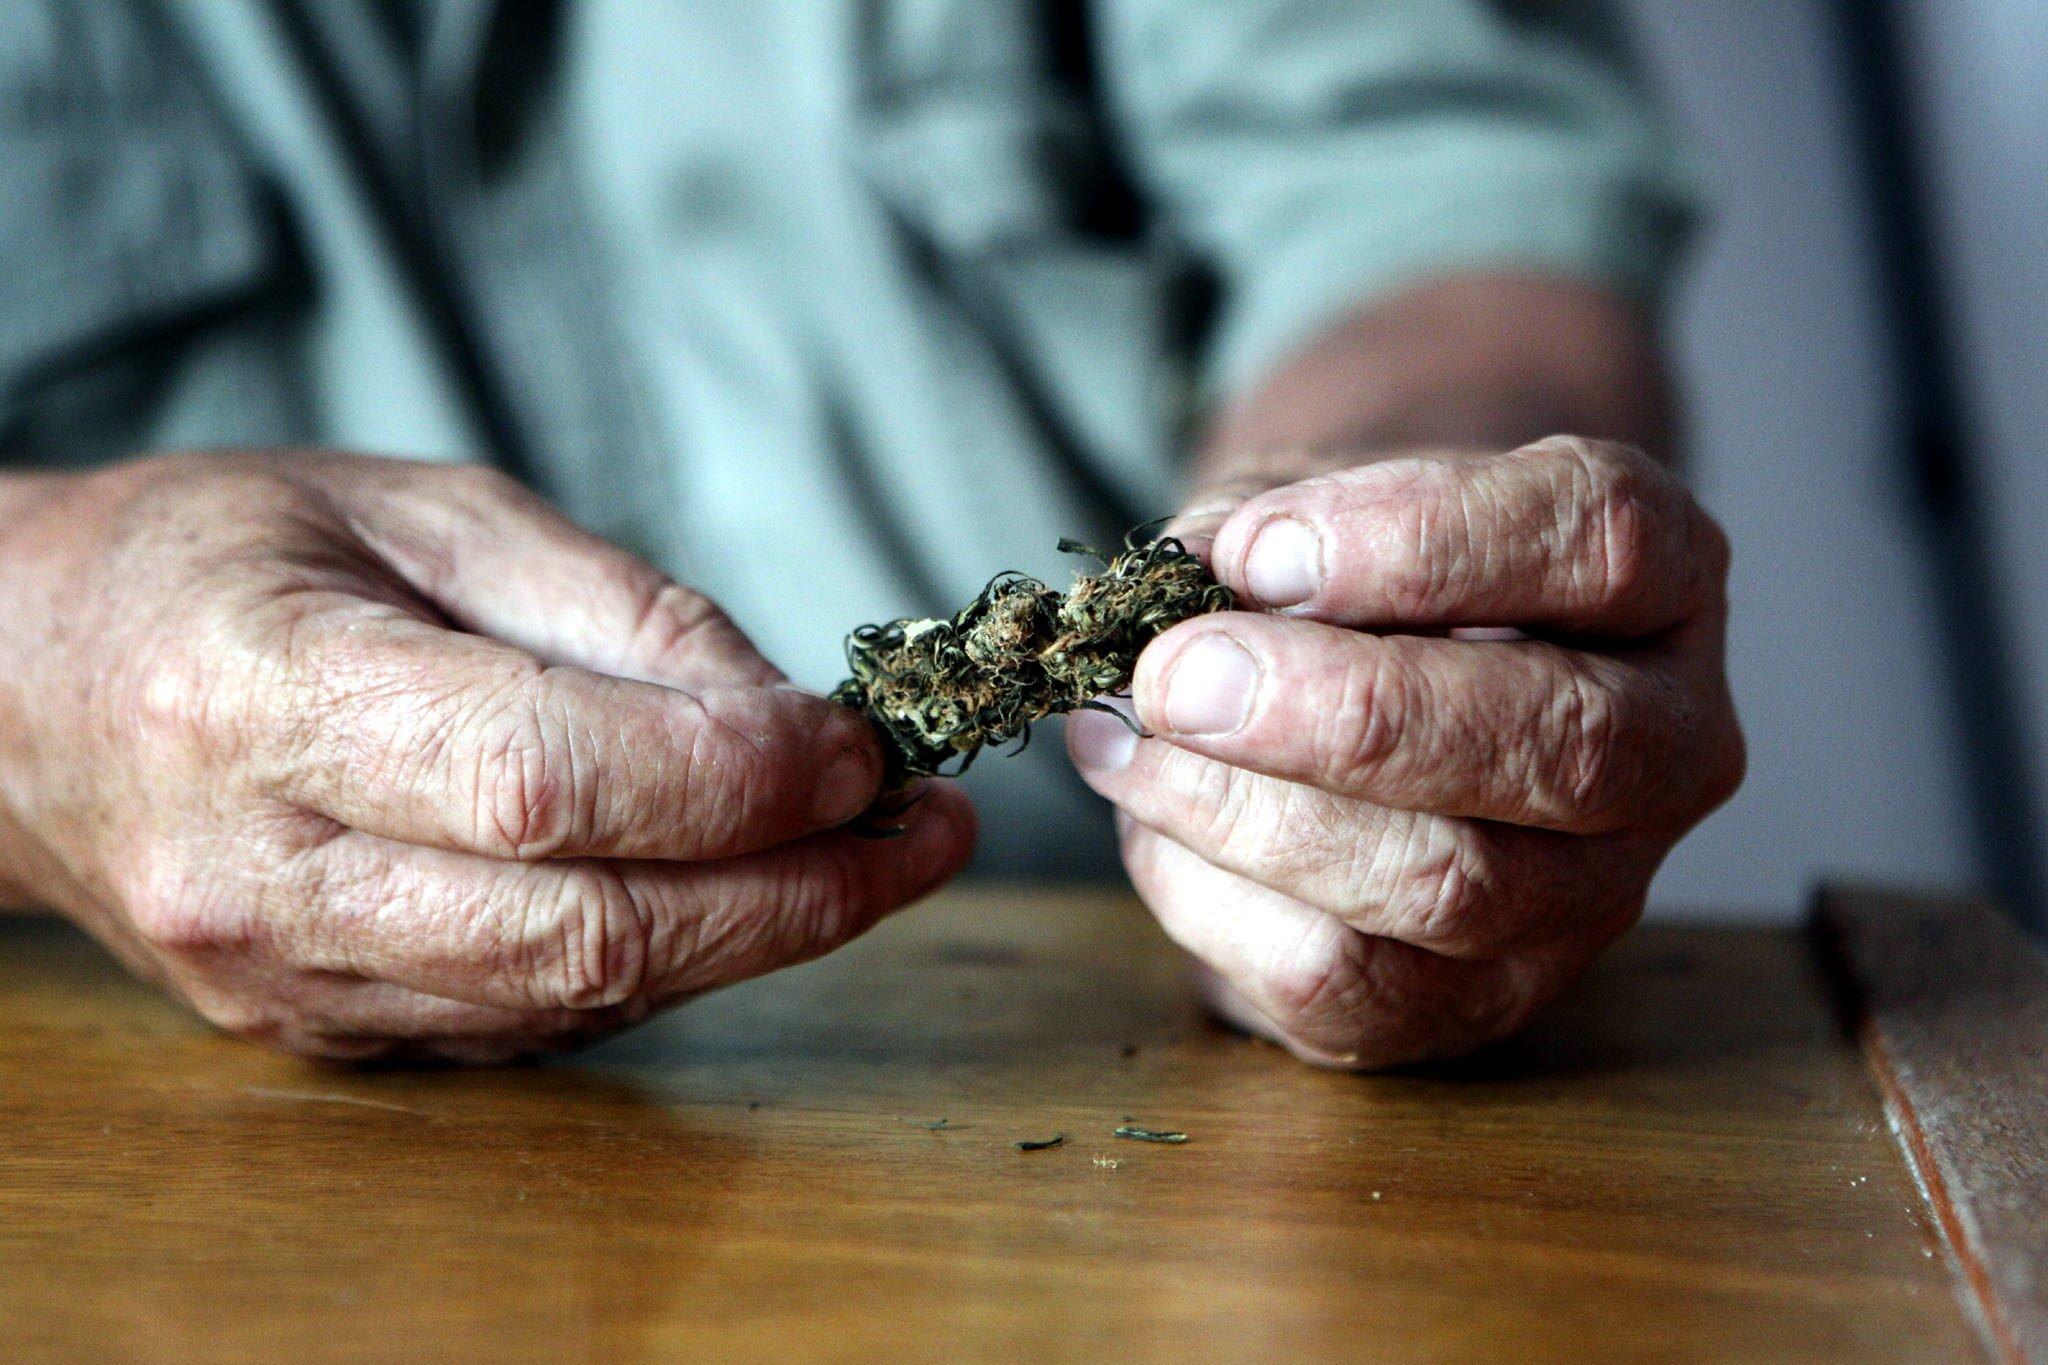 Desde este martes entra en vigor legalización de la marihuana medicinal en Florida